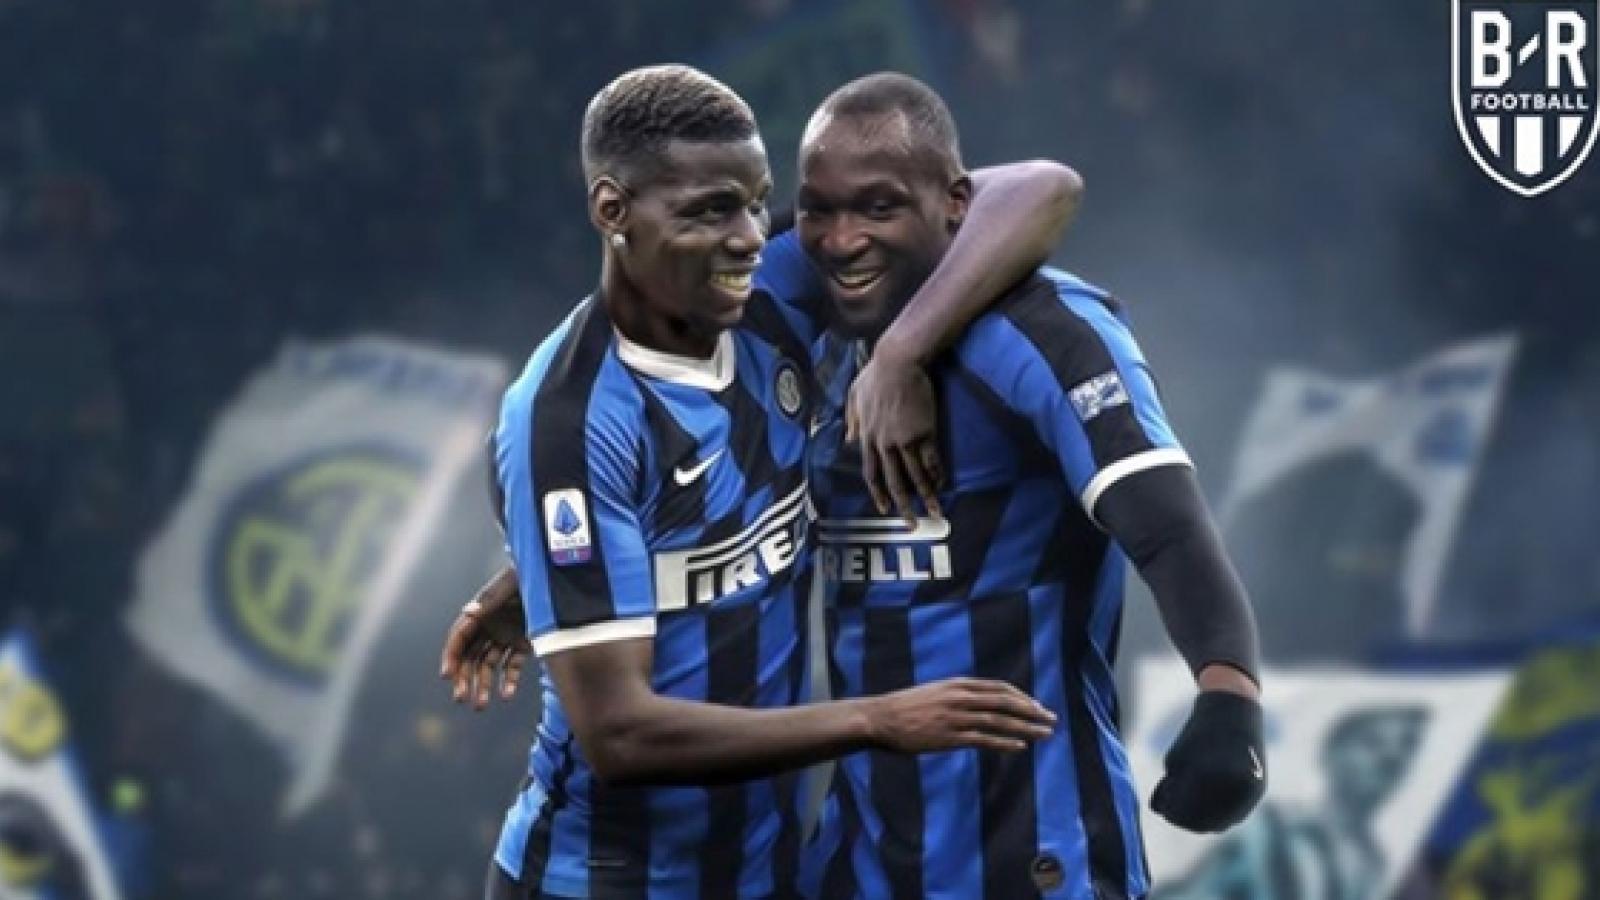 Biếm họa 24h: Romelu Lukaku chờ ngày tái ngộ Paul Pogba ở Inter Milan